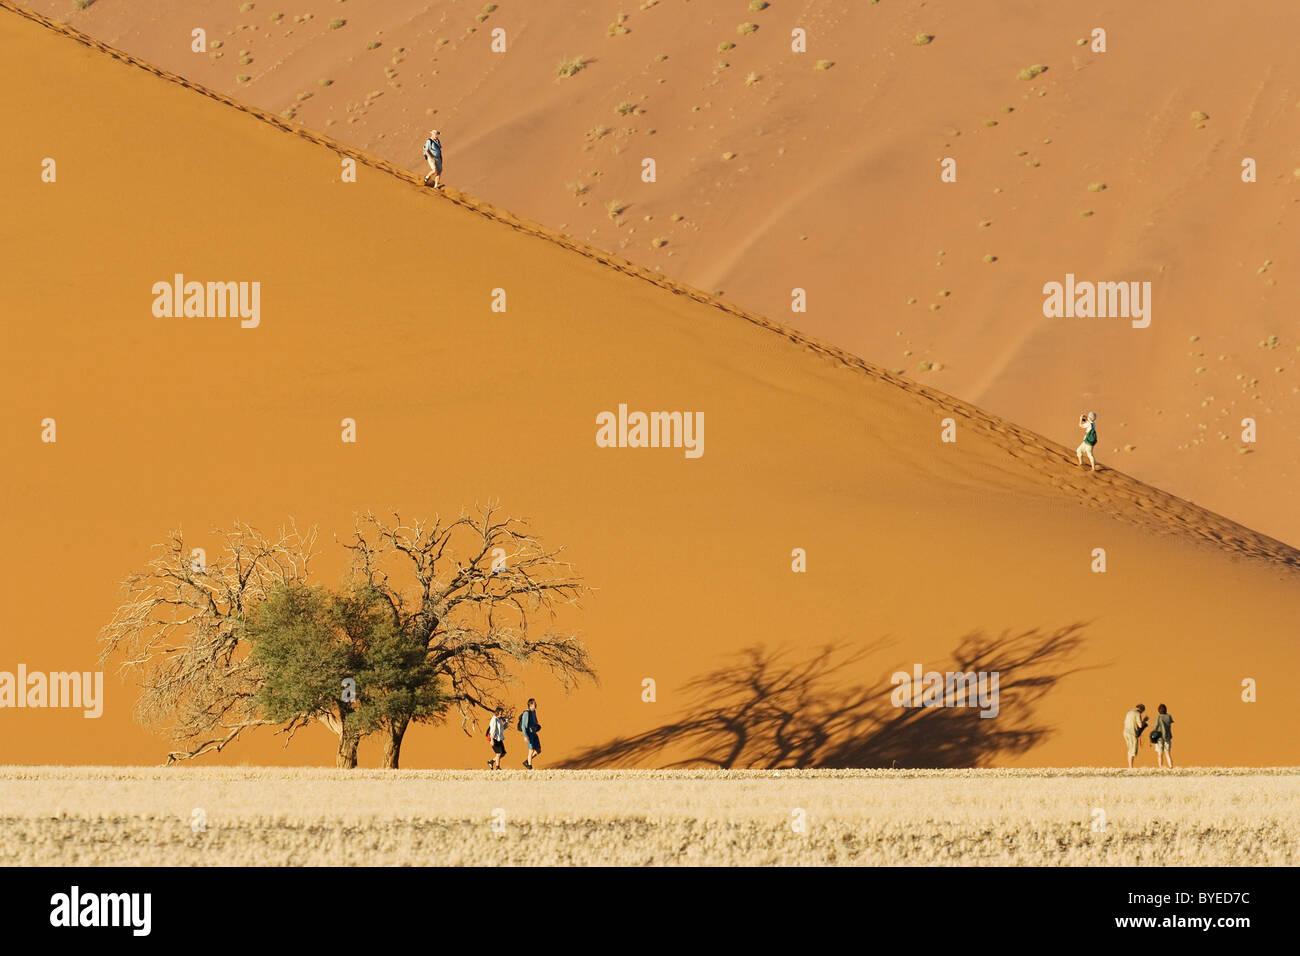 Les touristes à une dune de sable avec Camelthorn tree (Acacia erioloba) dans le désert du Namib. Namib Photo Stock